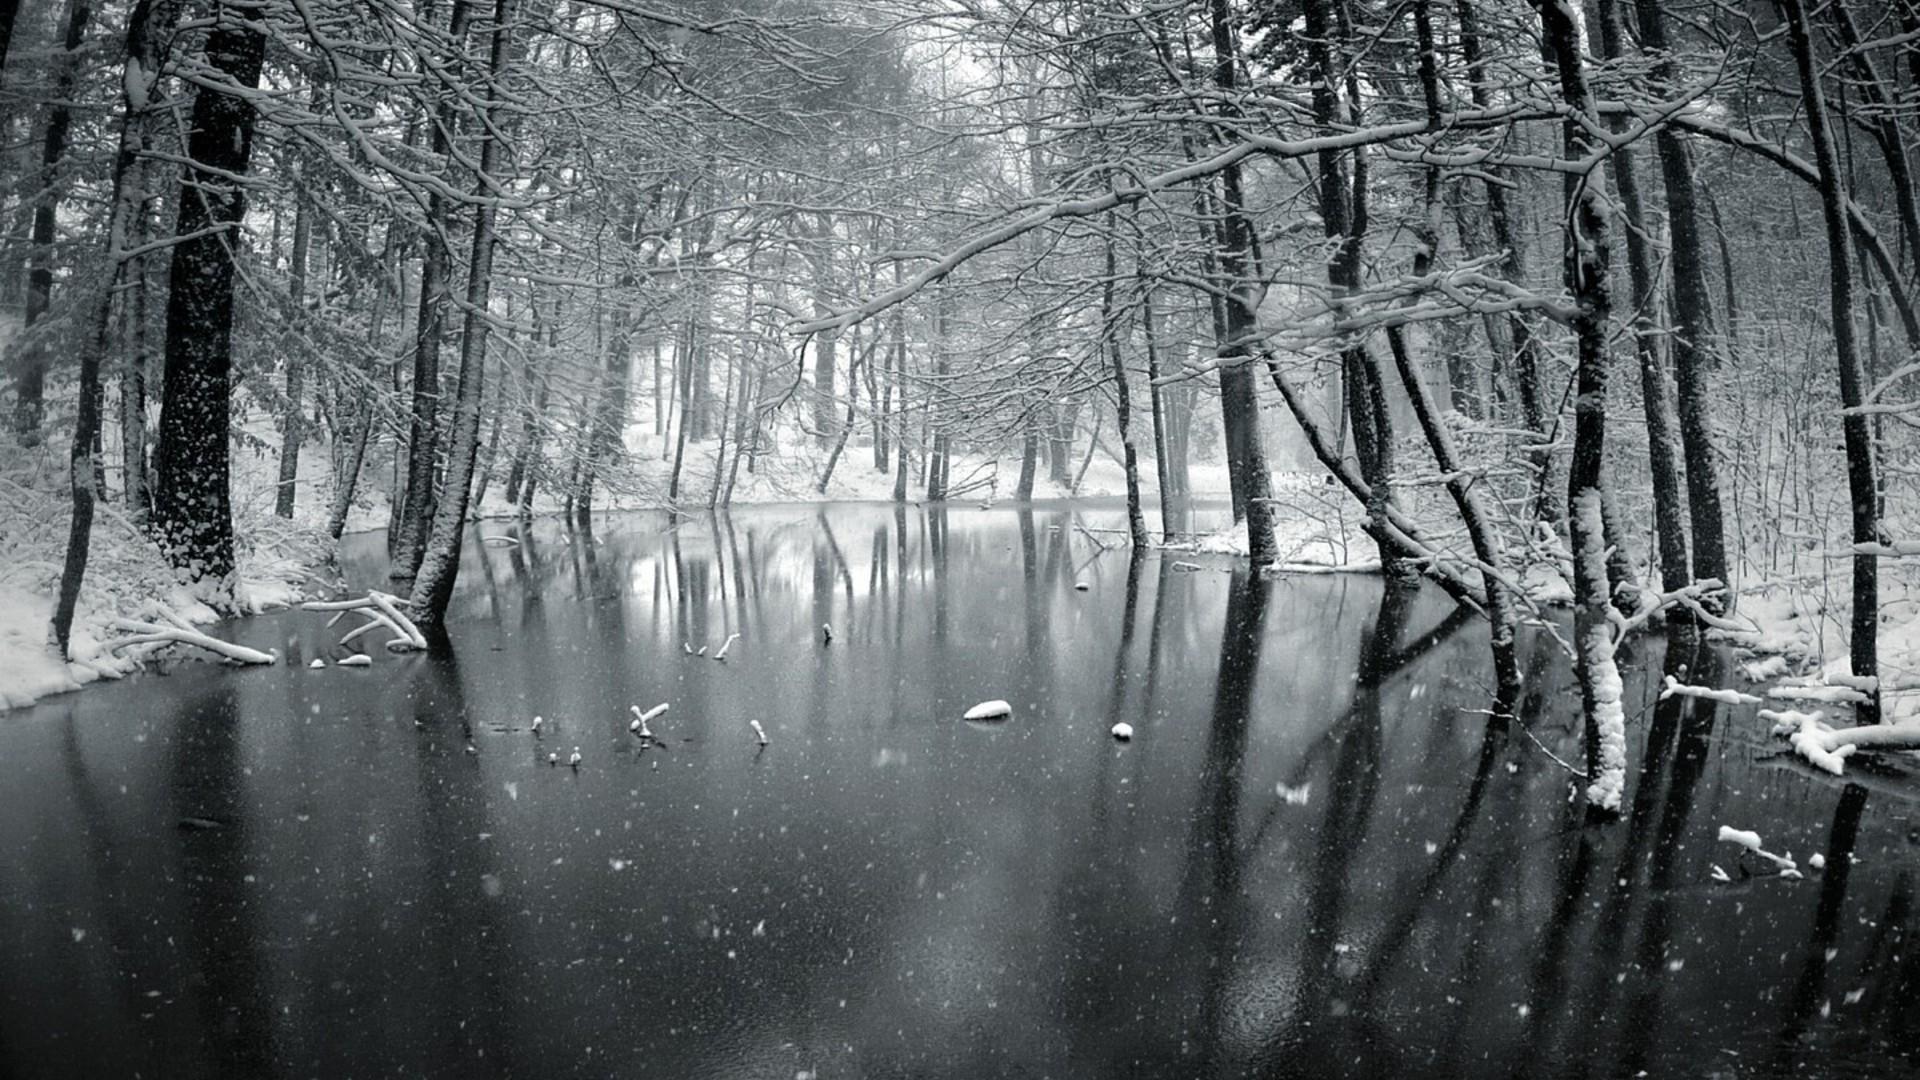 Snow forest day wallpaper | AllWallpaper.in #2065 | PC | en